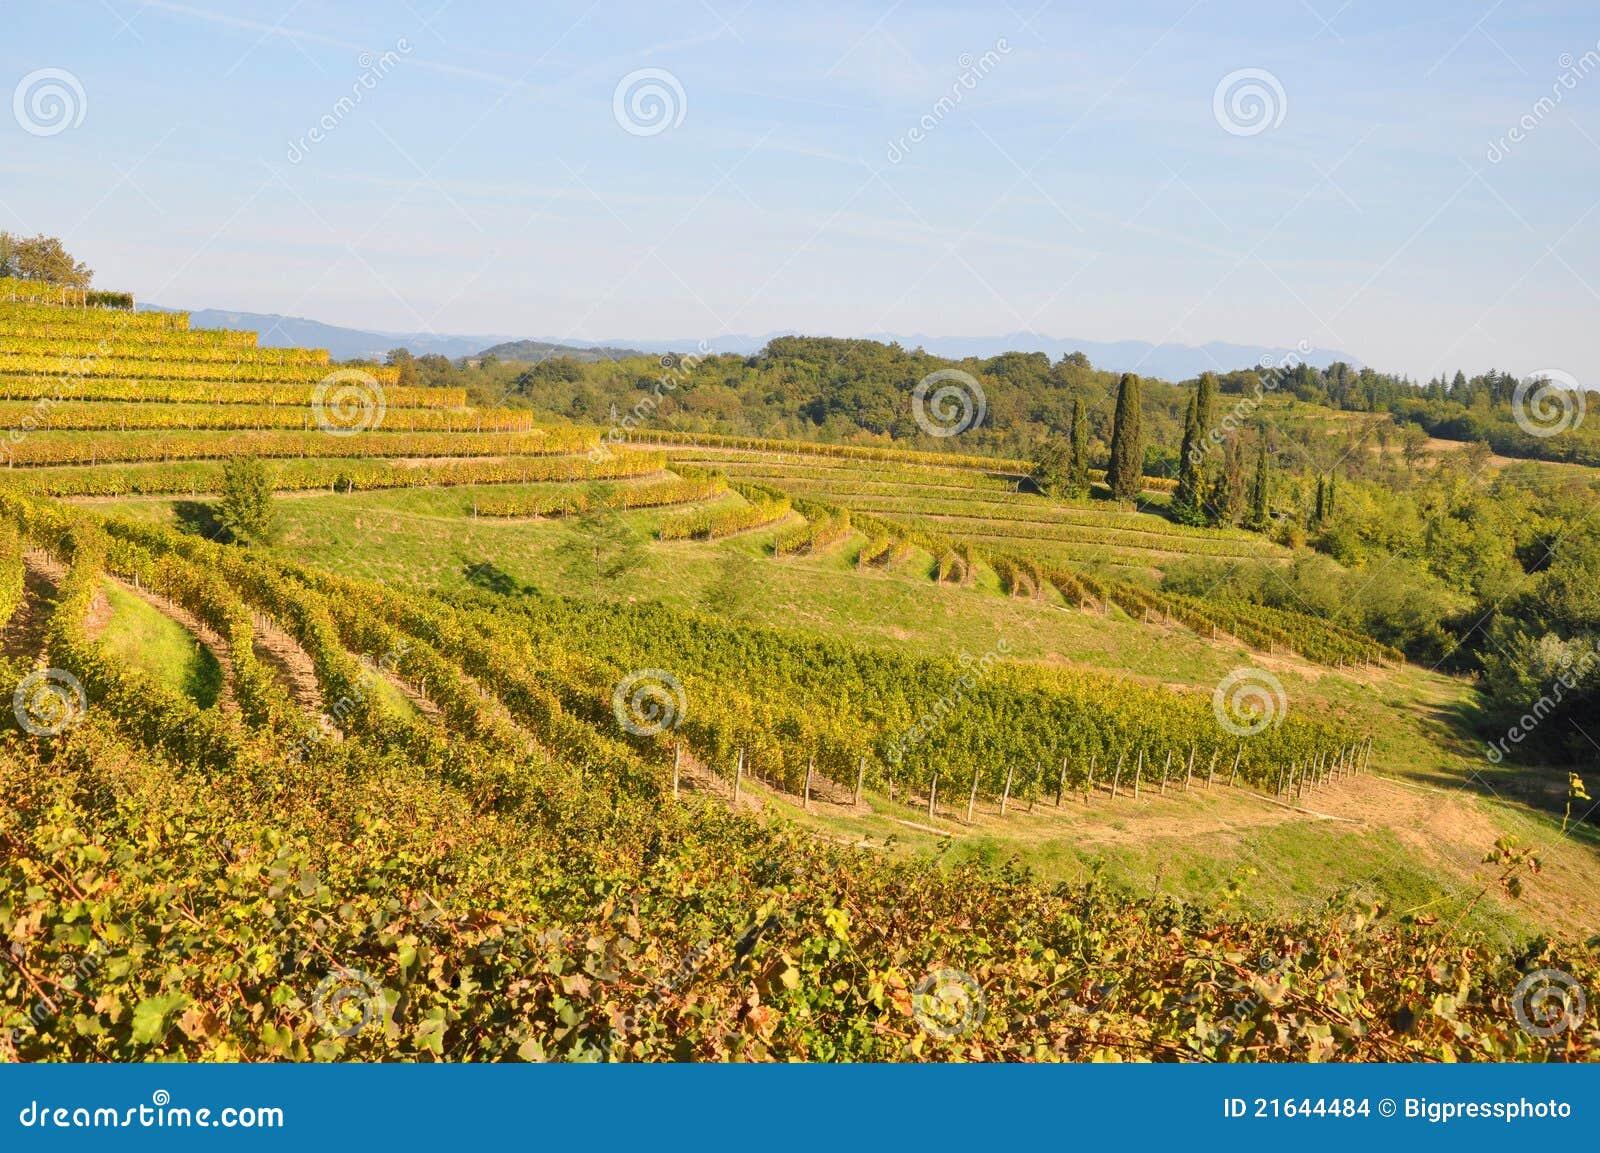 Établissement vinicole et vin Friuli Italie